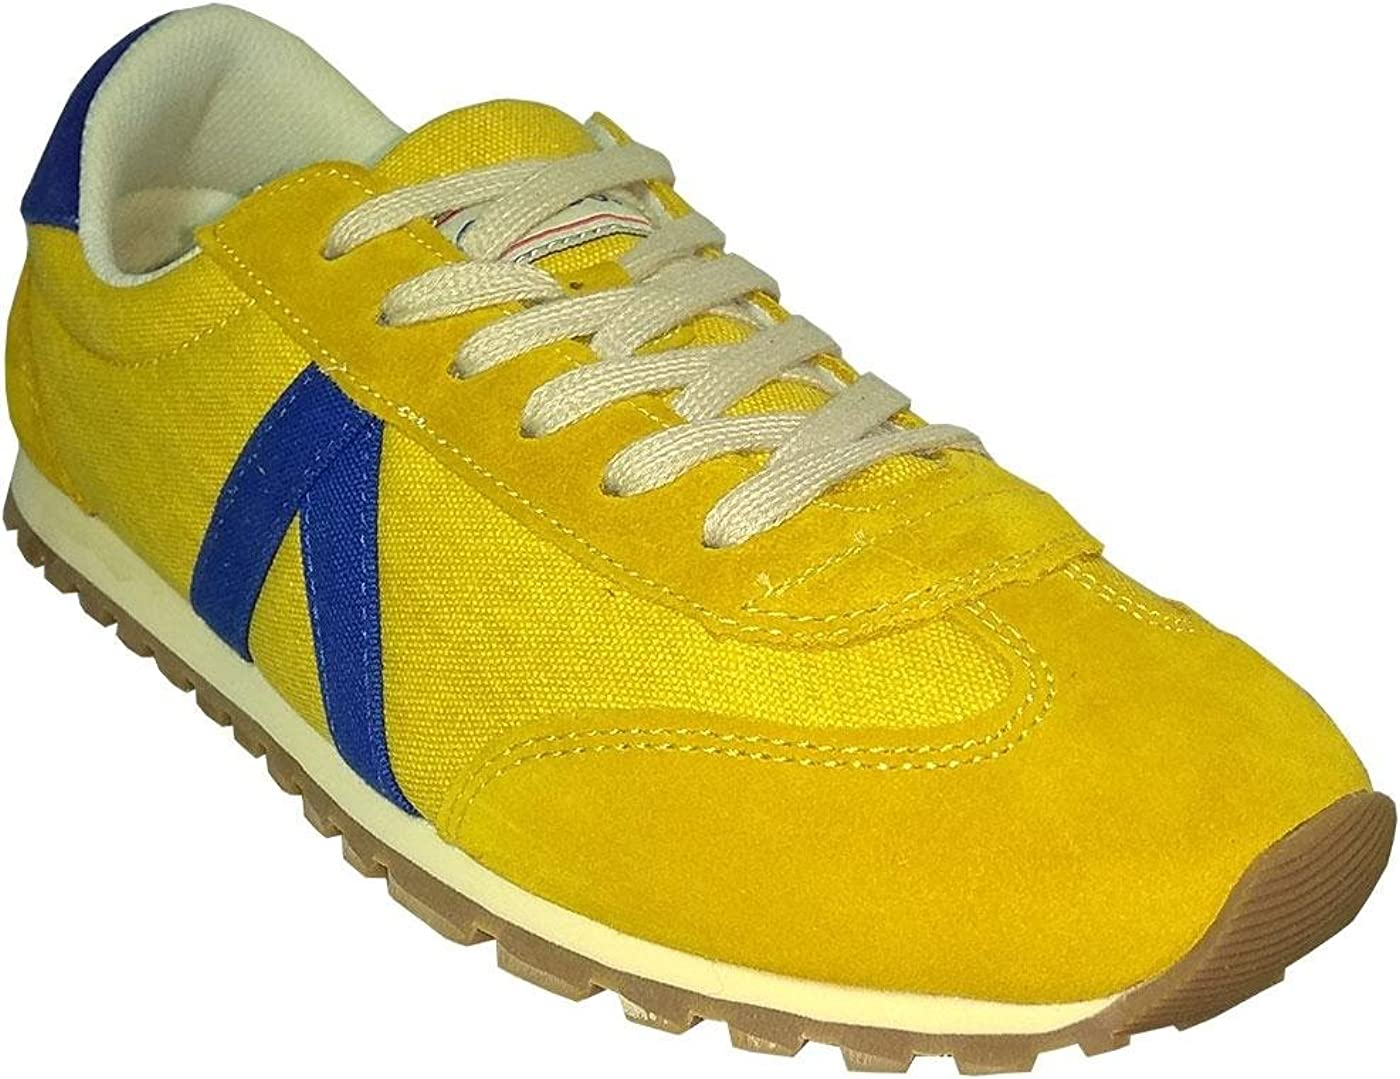 Zapatillas EL GANSO RWALKING Amarillas 45: Amazon.es: Zapatos y ...